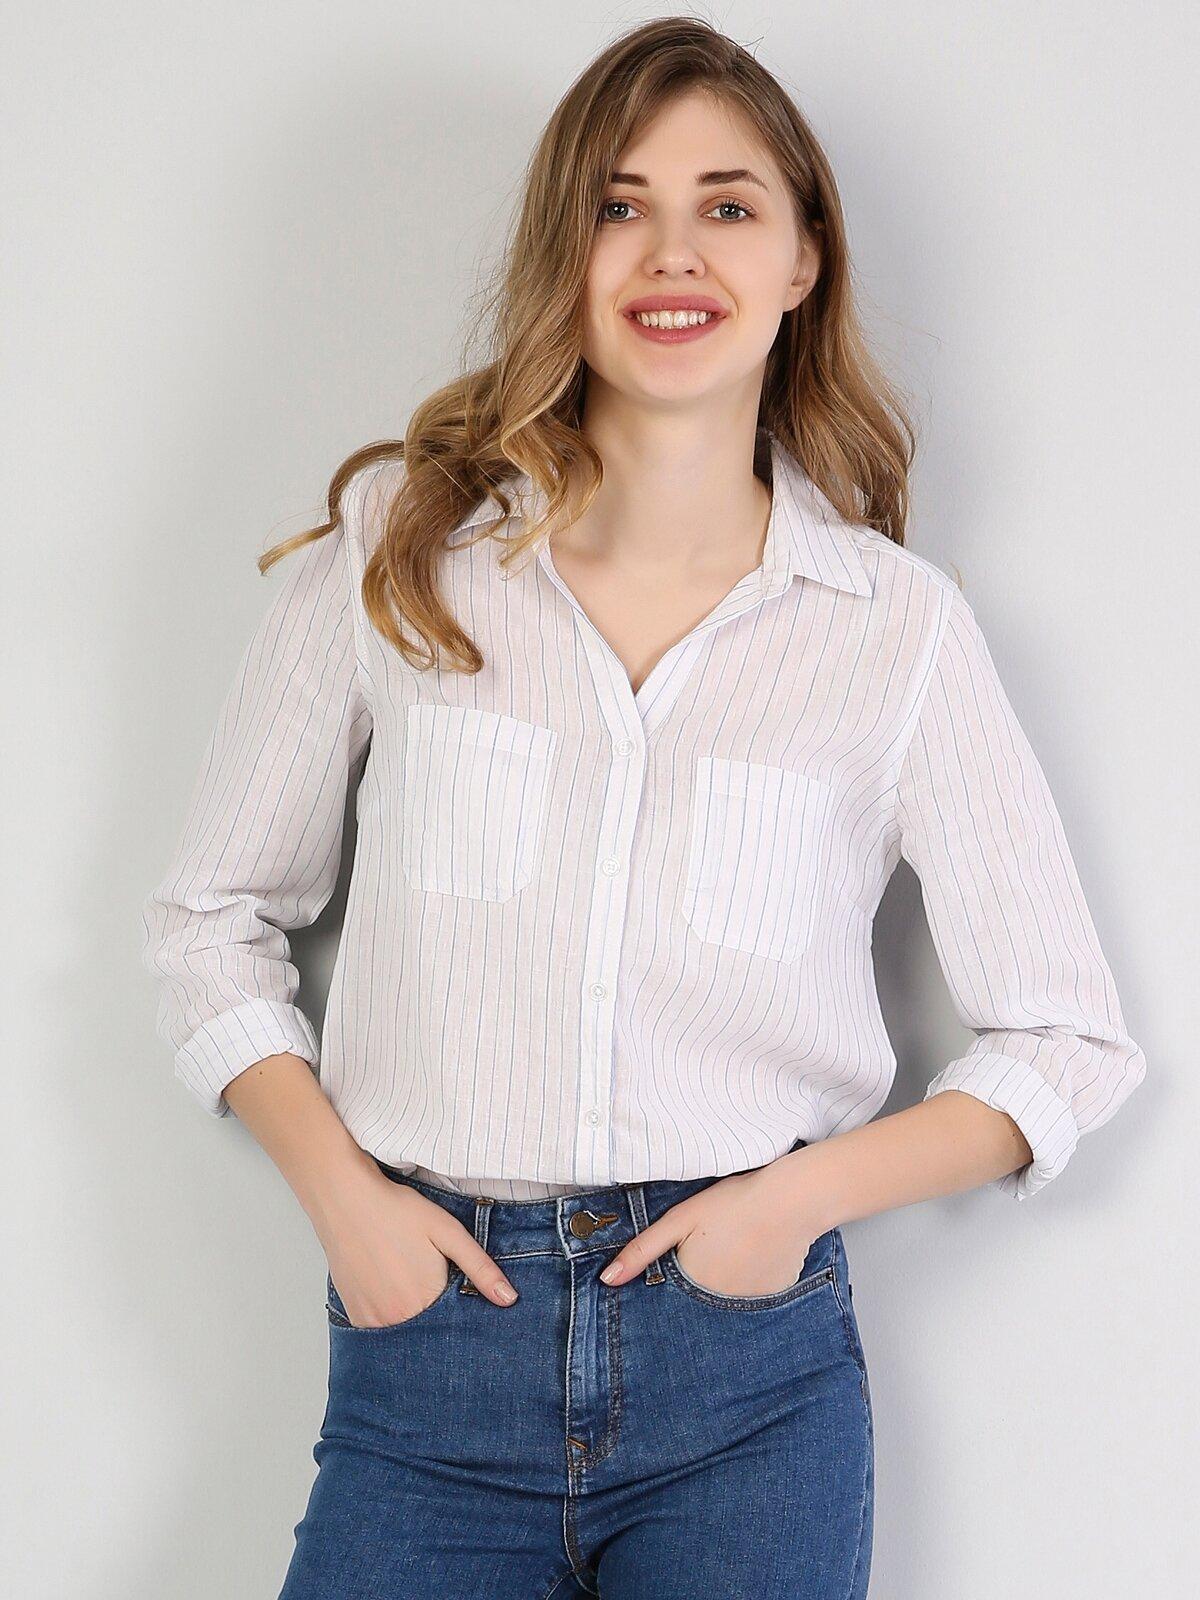 Regular Fit Shirt Neck Kadın Açık Mavi Uzun Kol Gömlek